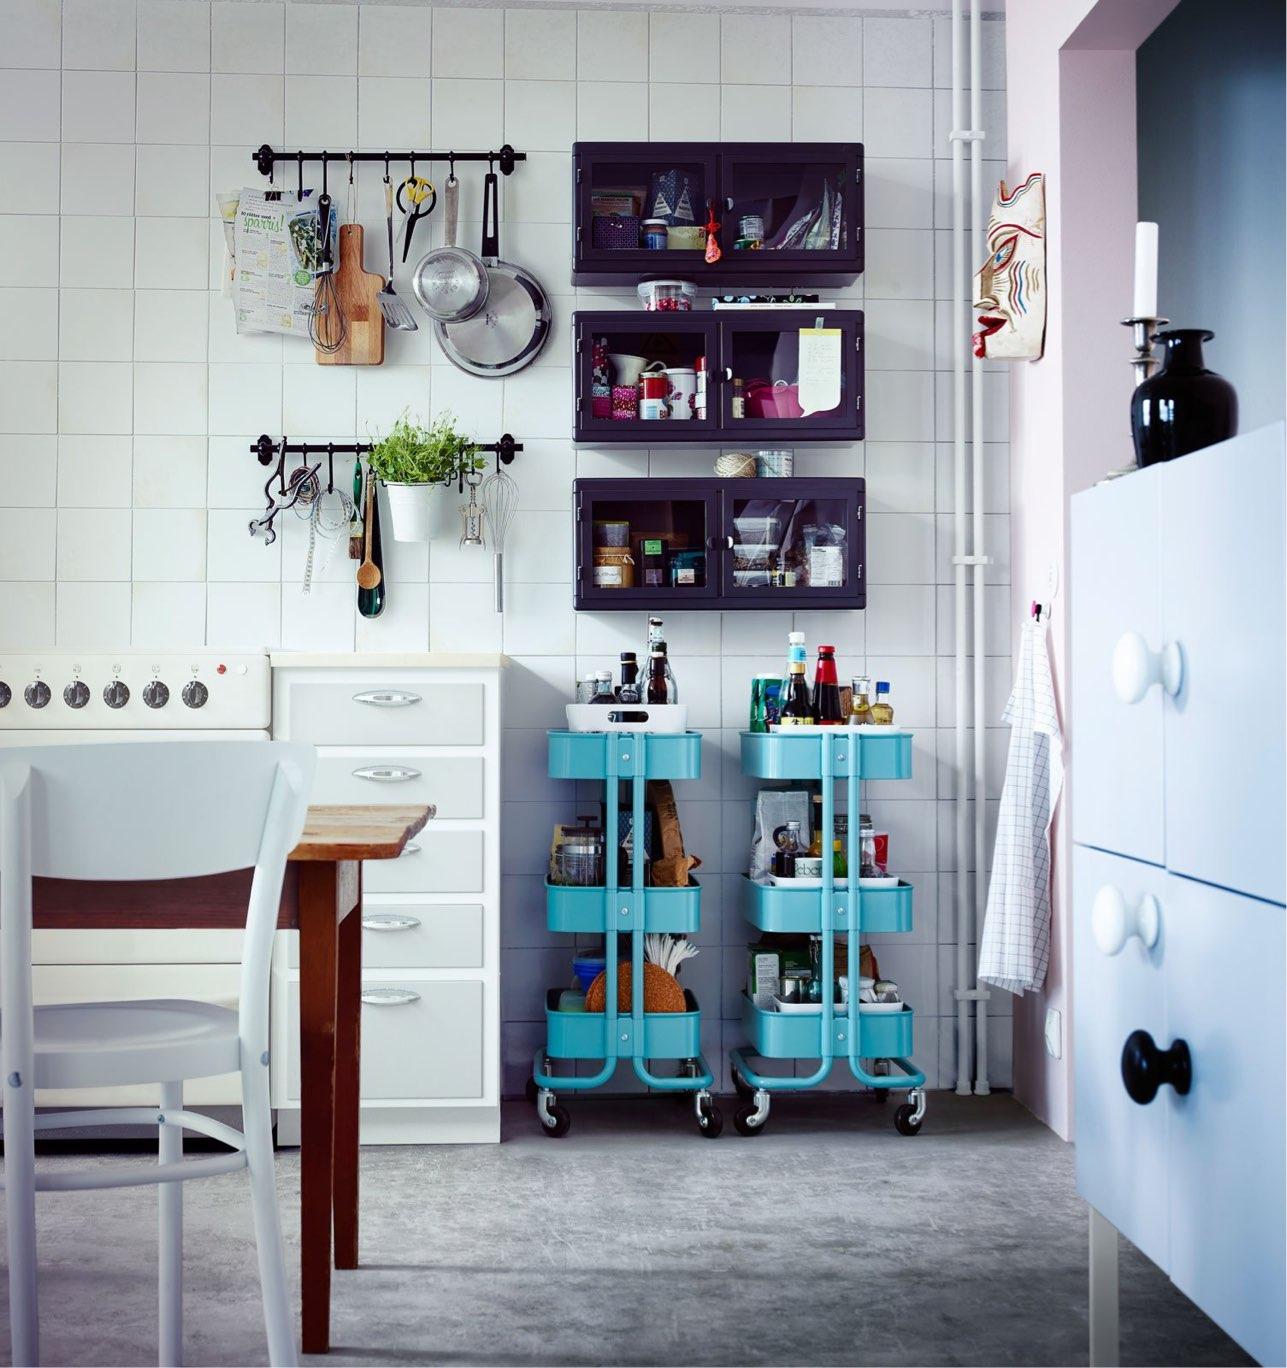 idee salvaspazio in cucina